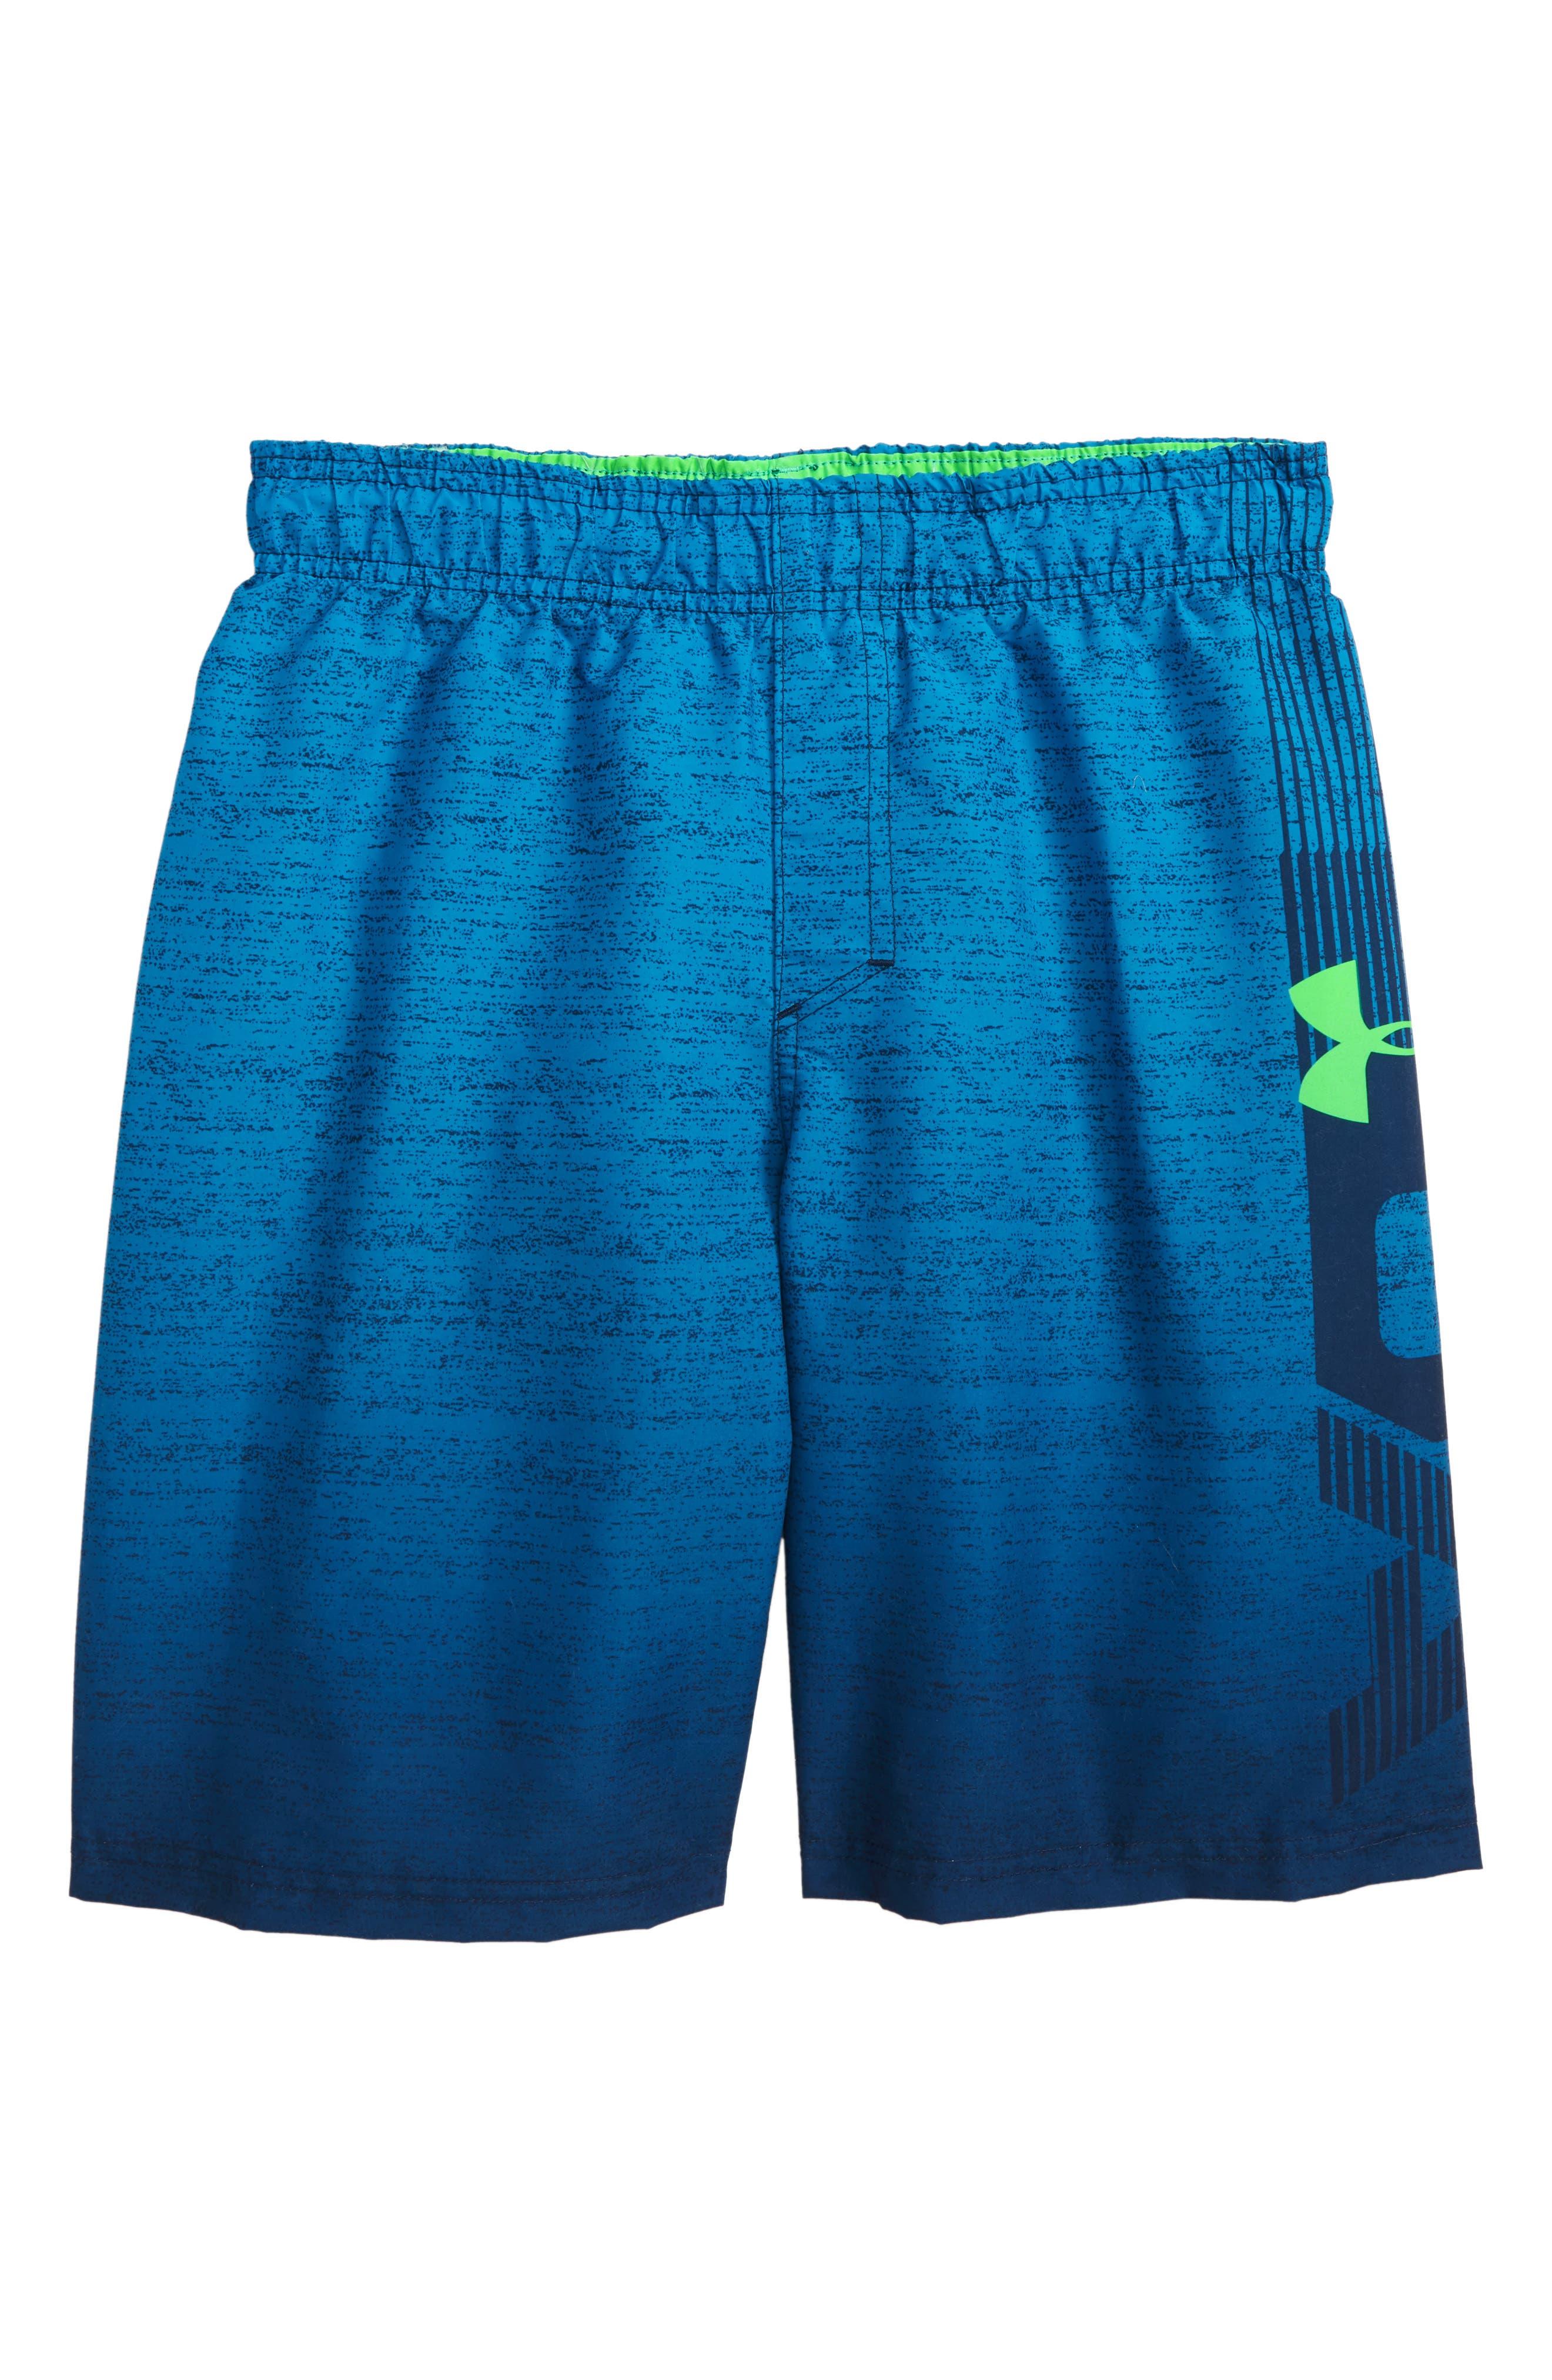 Dipper HeatGear<sup>®</sup> Volley Shorts,                         Main,                         color, 410